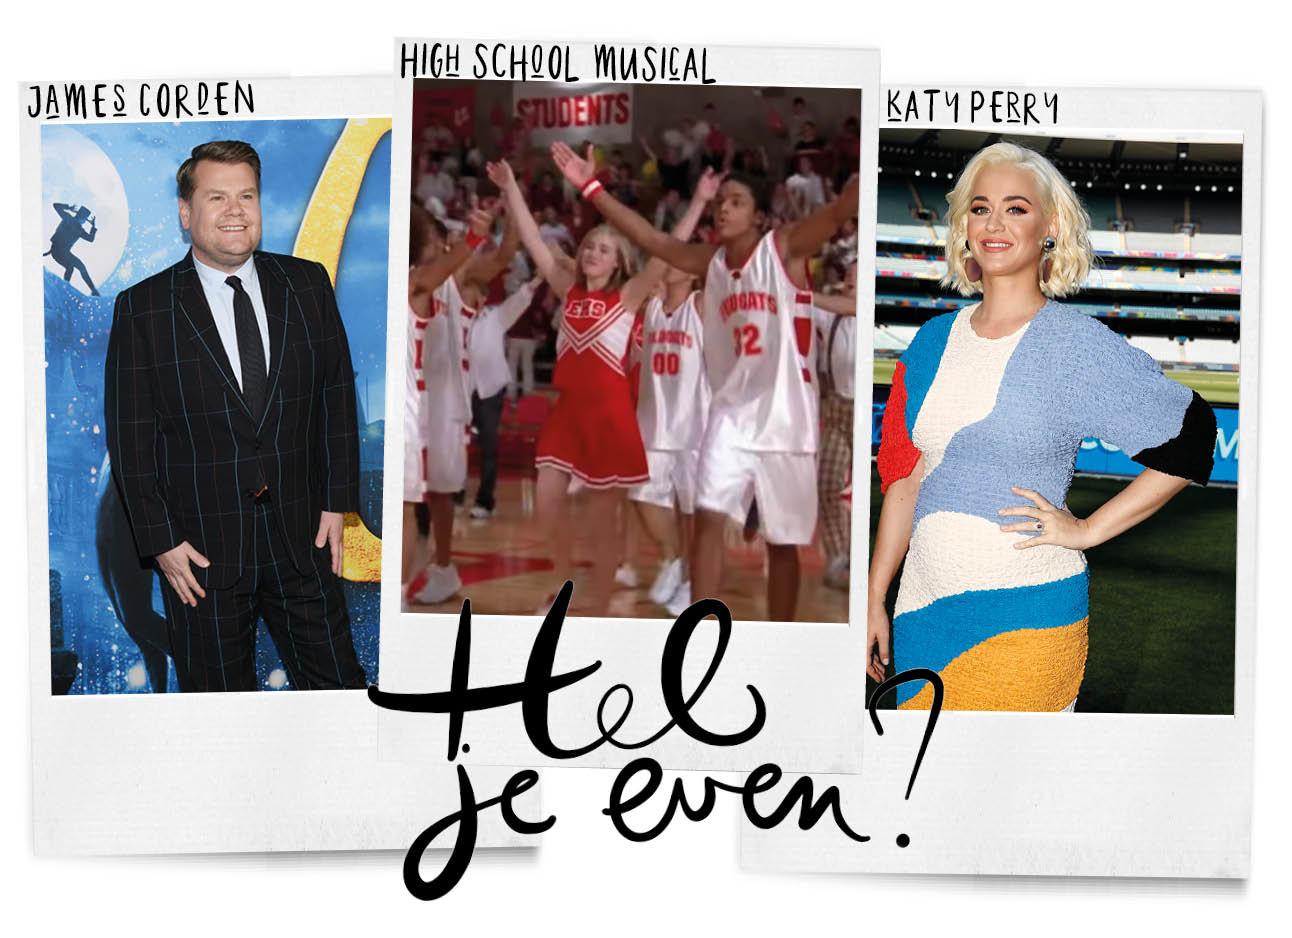 Koffiezetpraatjes Katy Perry, High school Musical en James Corden